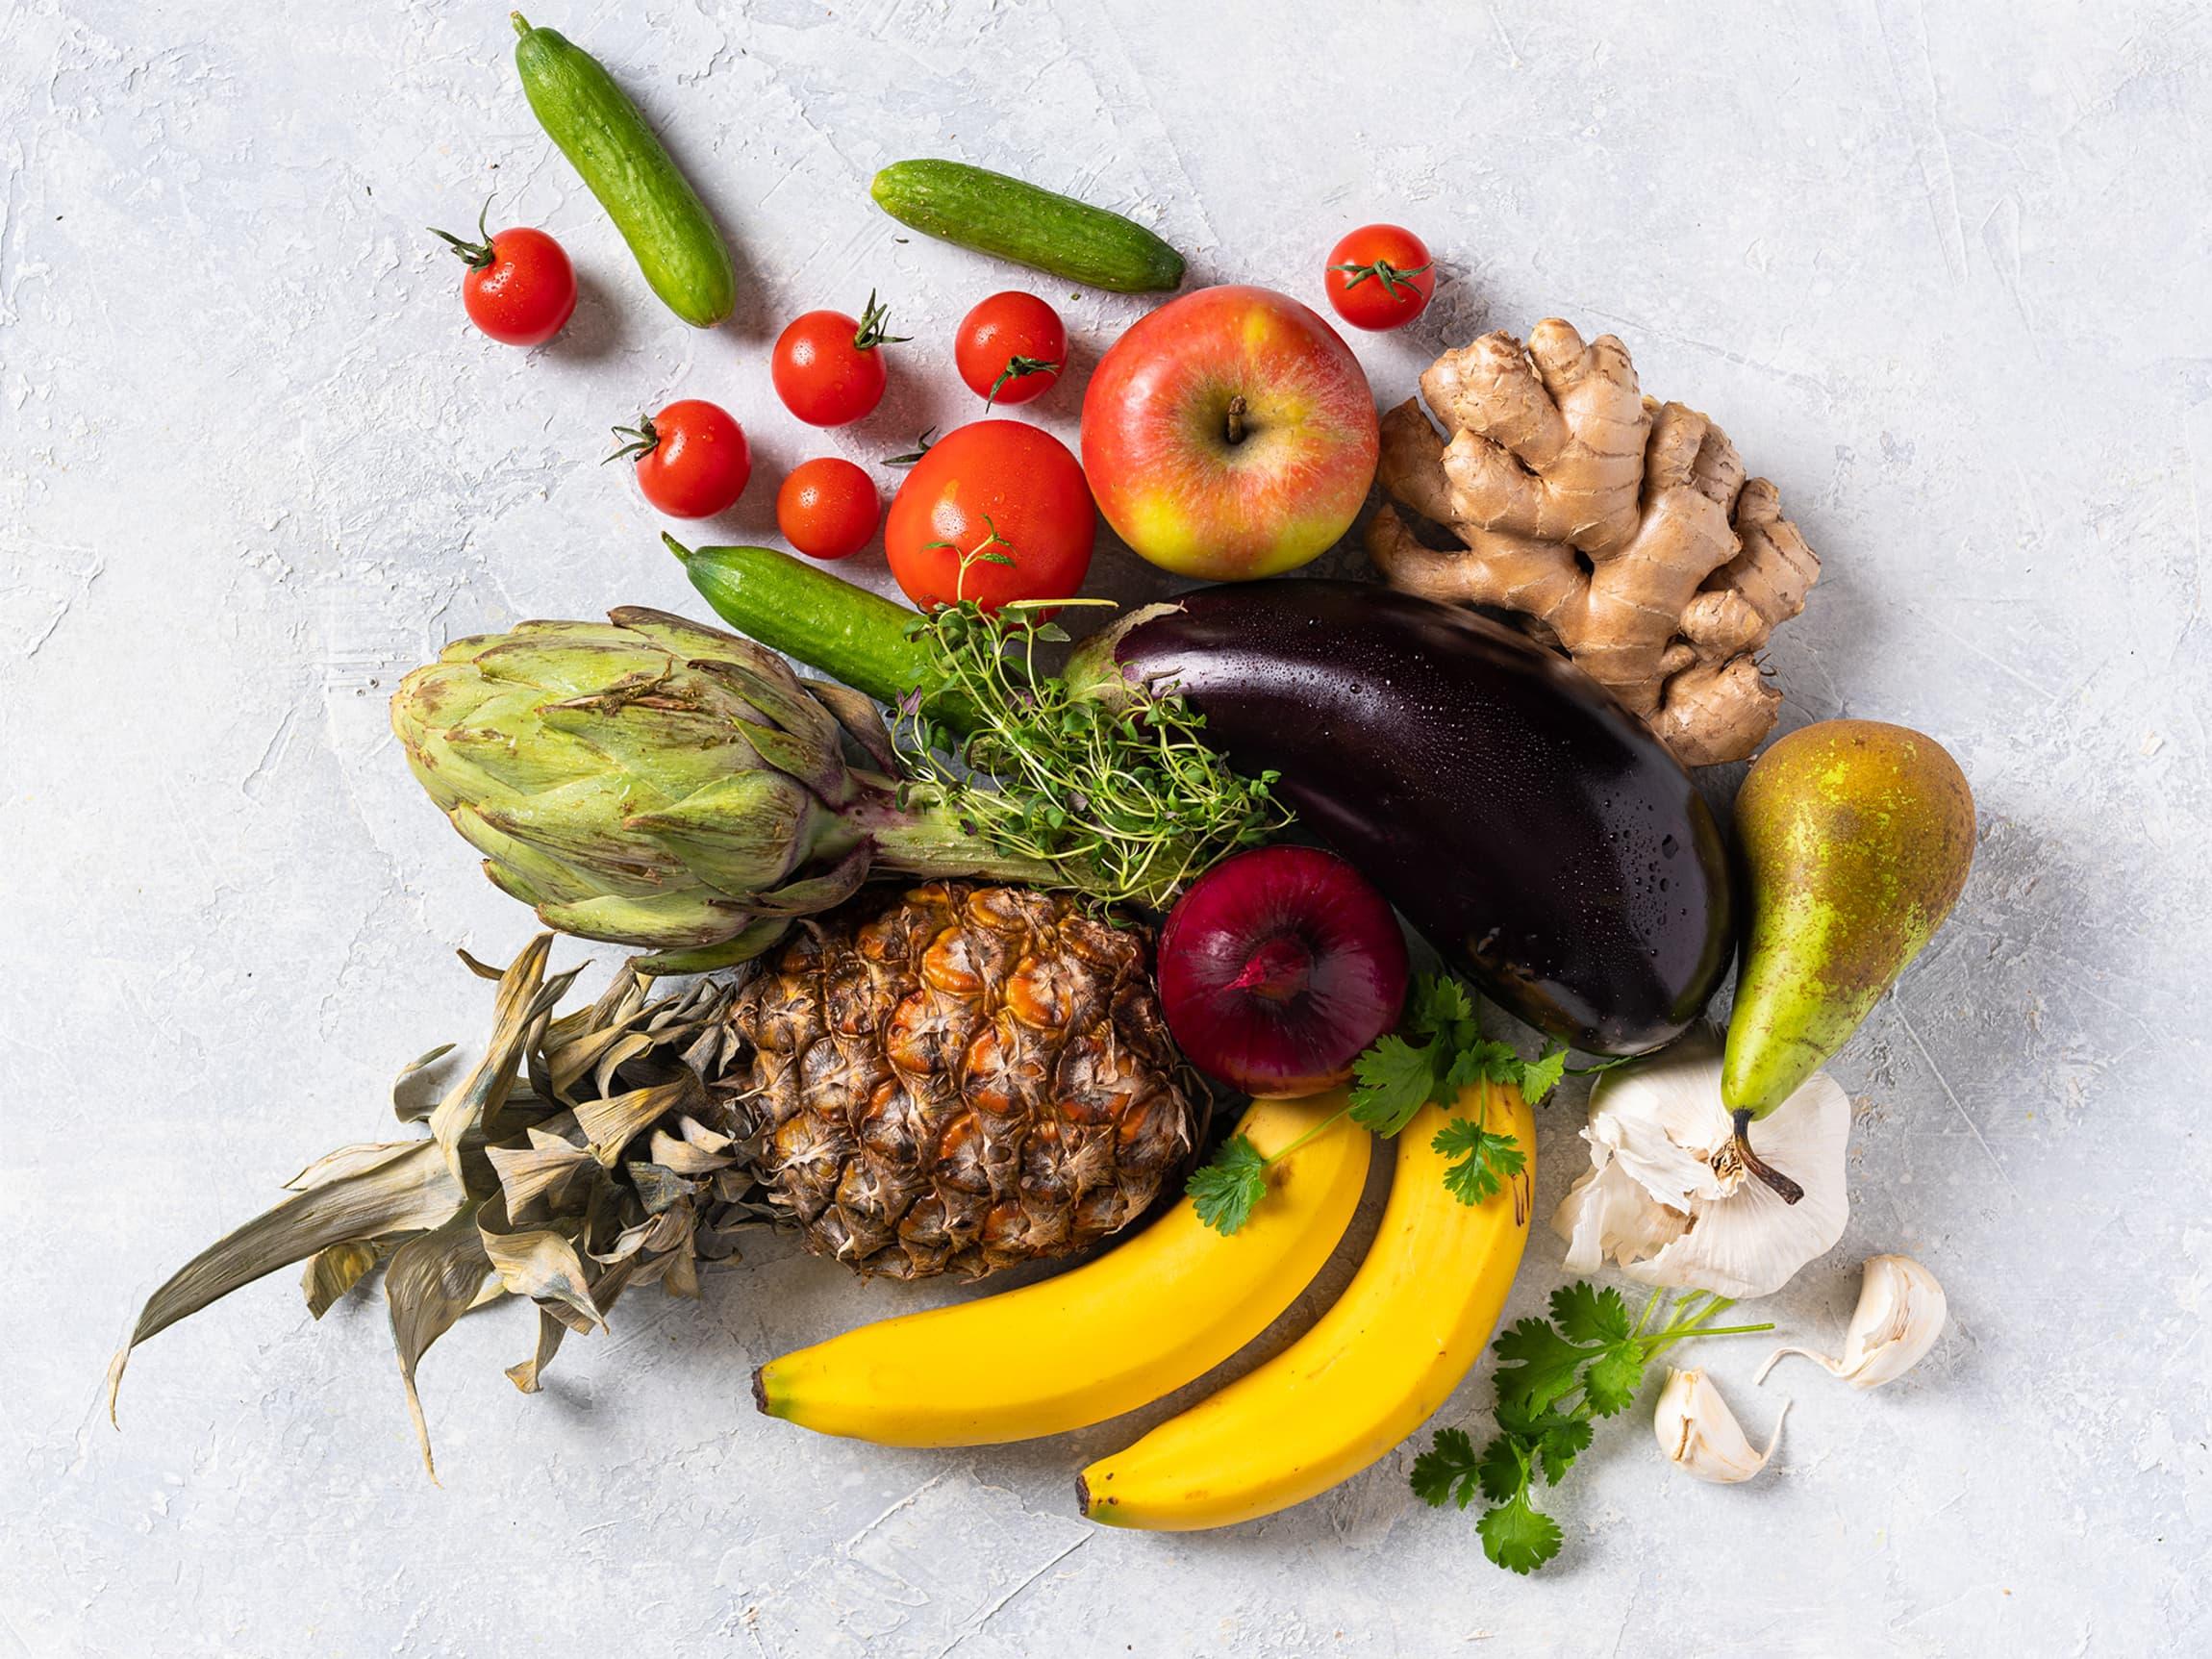 Frukt og grønnsaker holder seg best på ulike steder. Ikke alt bør puttes i kjøleskapet!